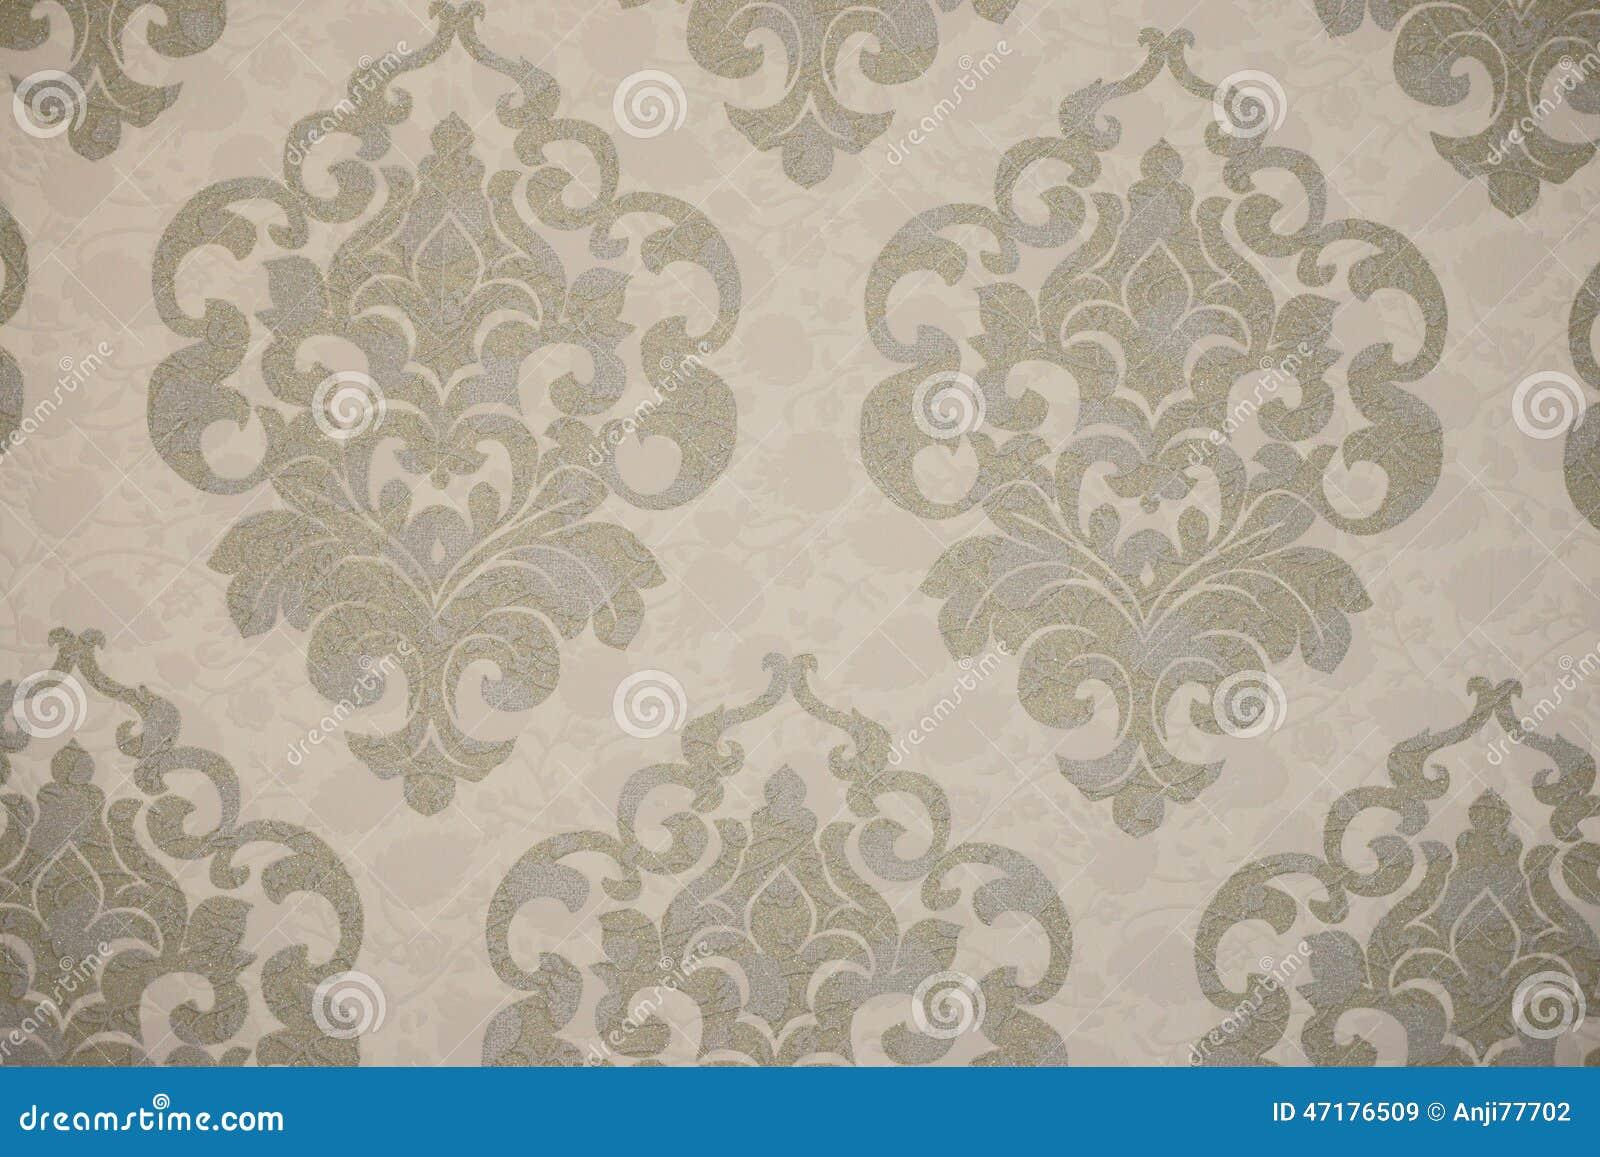 Papier Peint Dans Le Style Ancien Photo stock - Image: 47176509